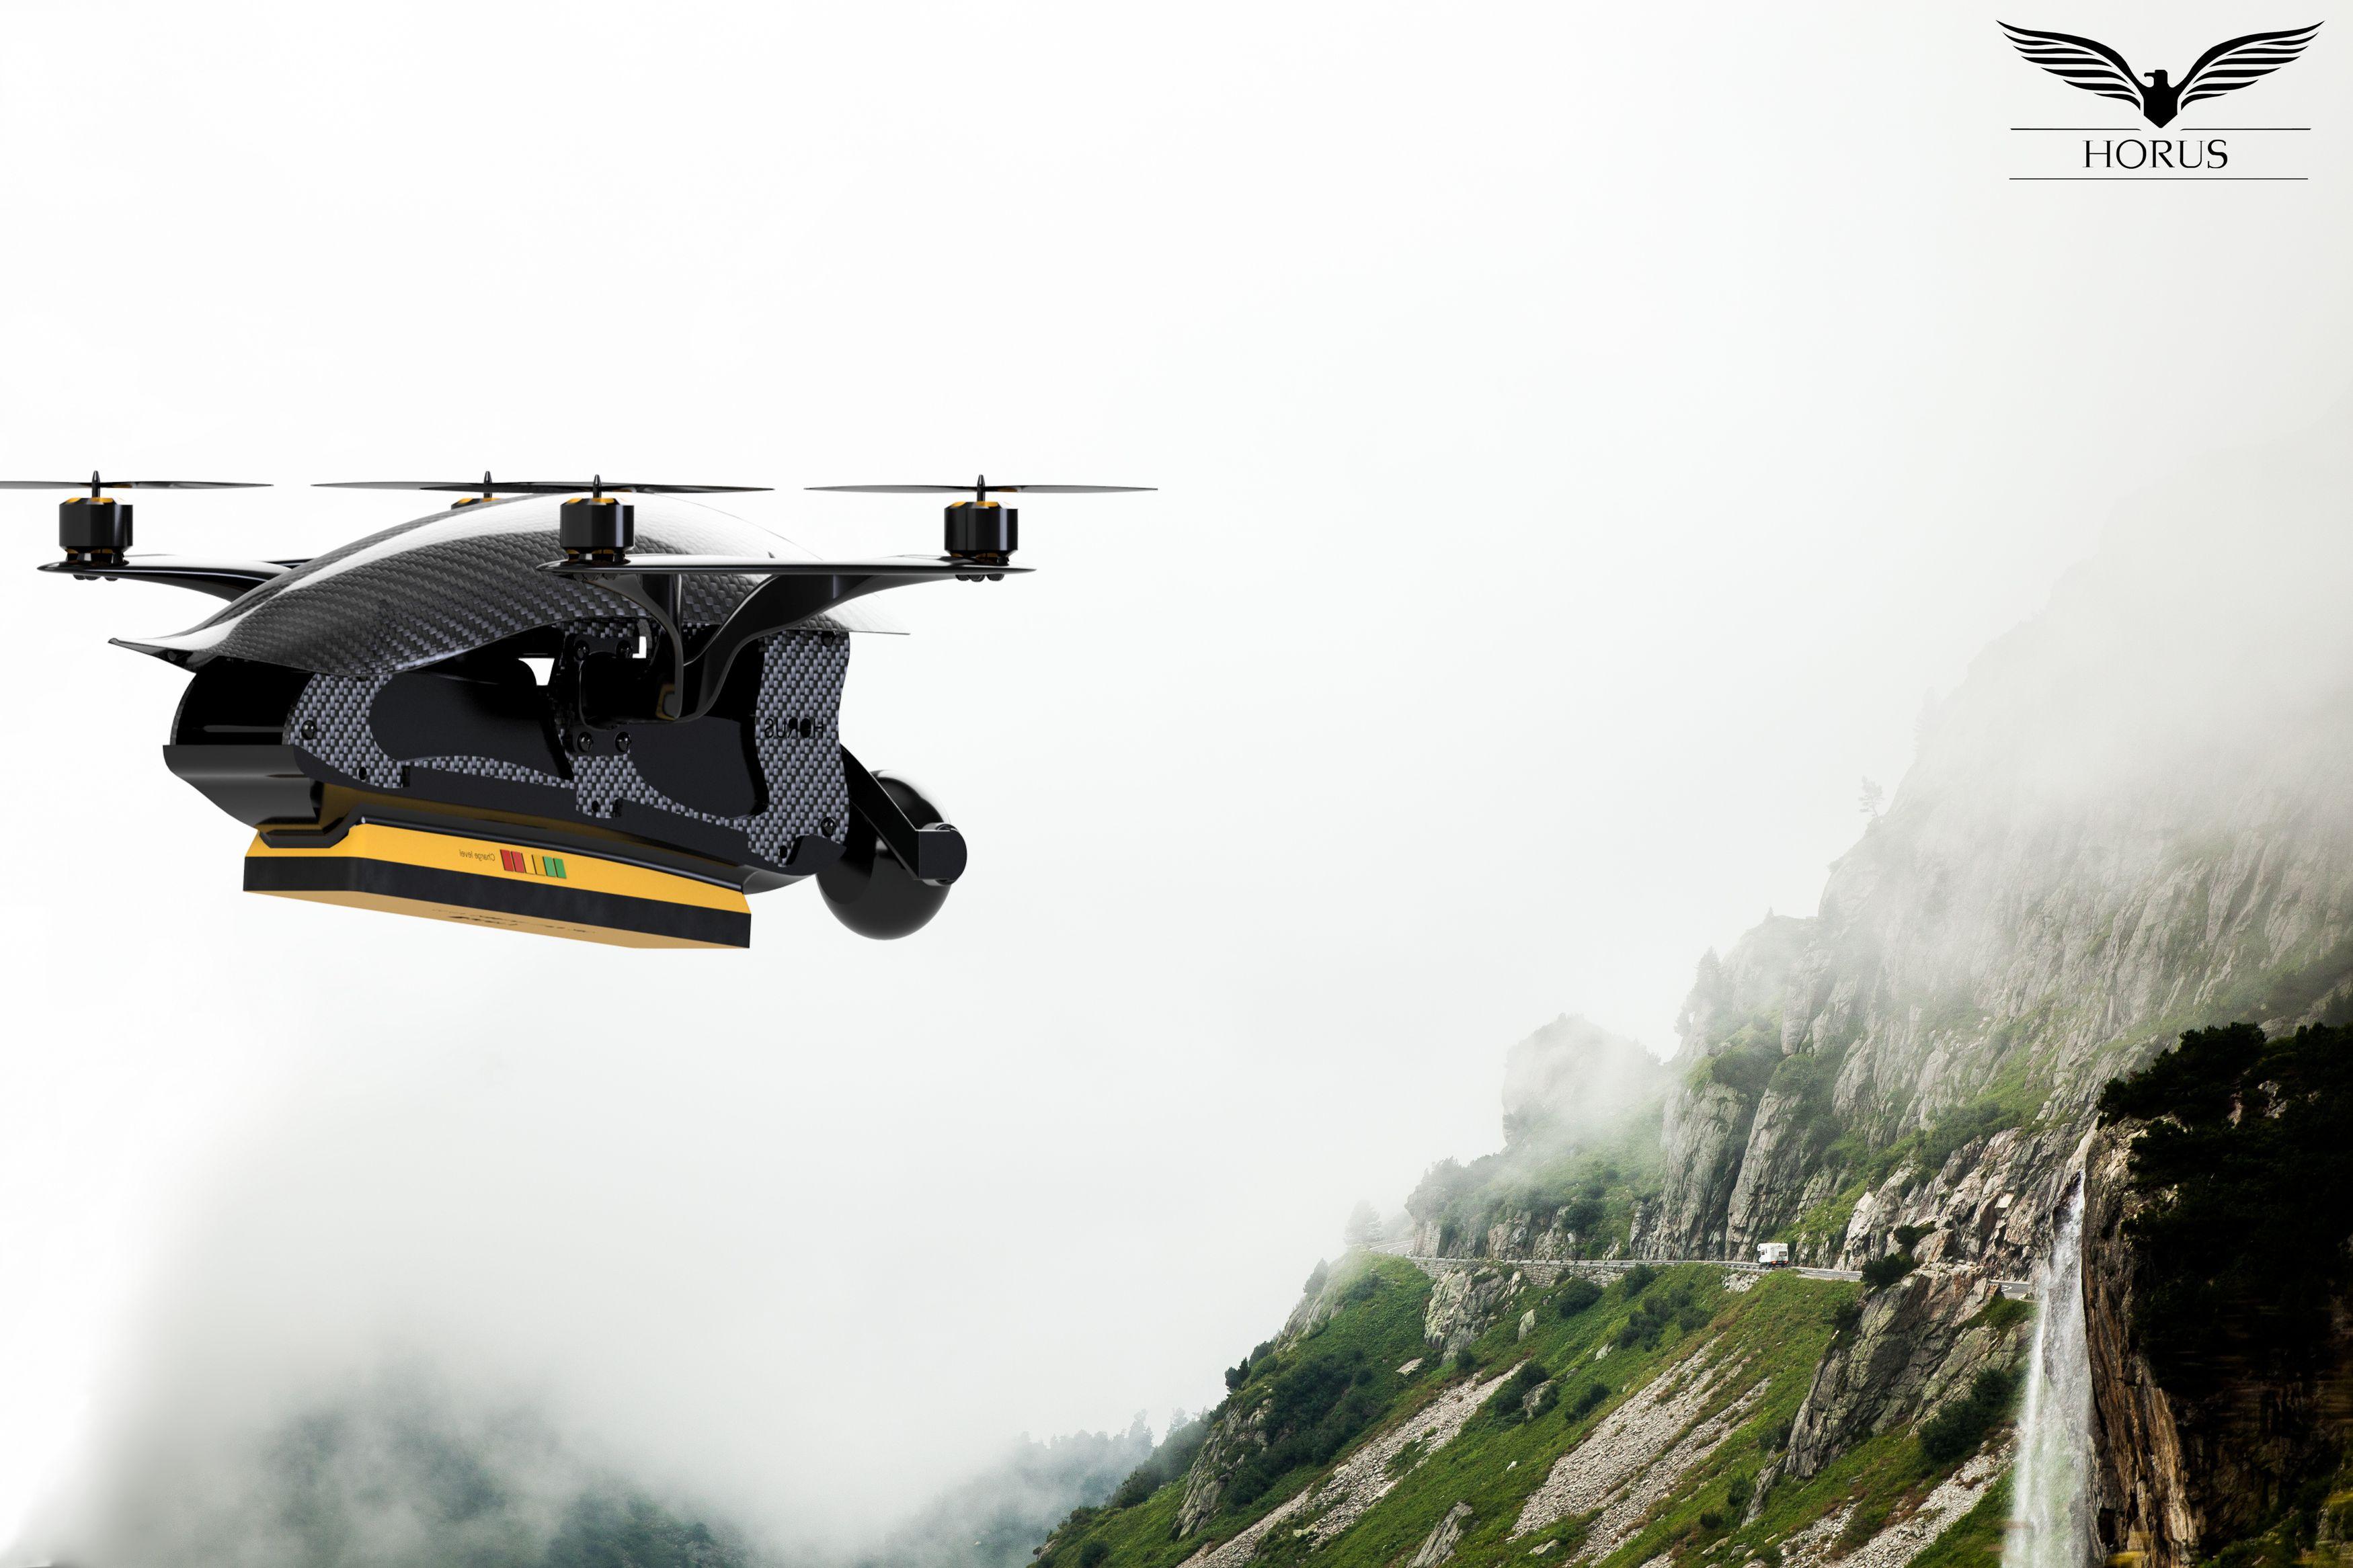 new design quadcopterstautodesk online gallery